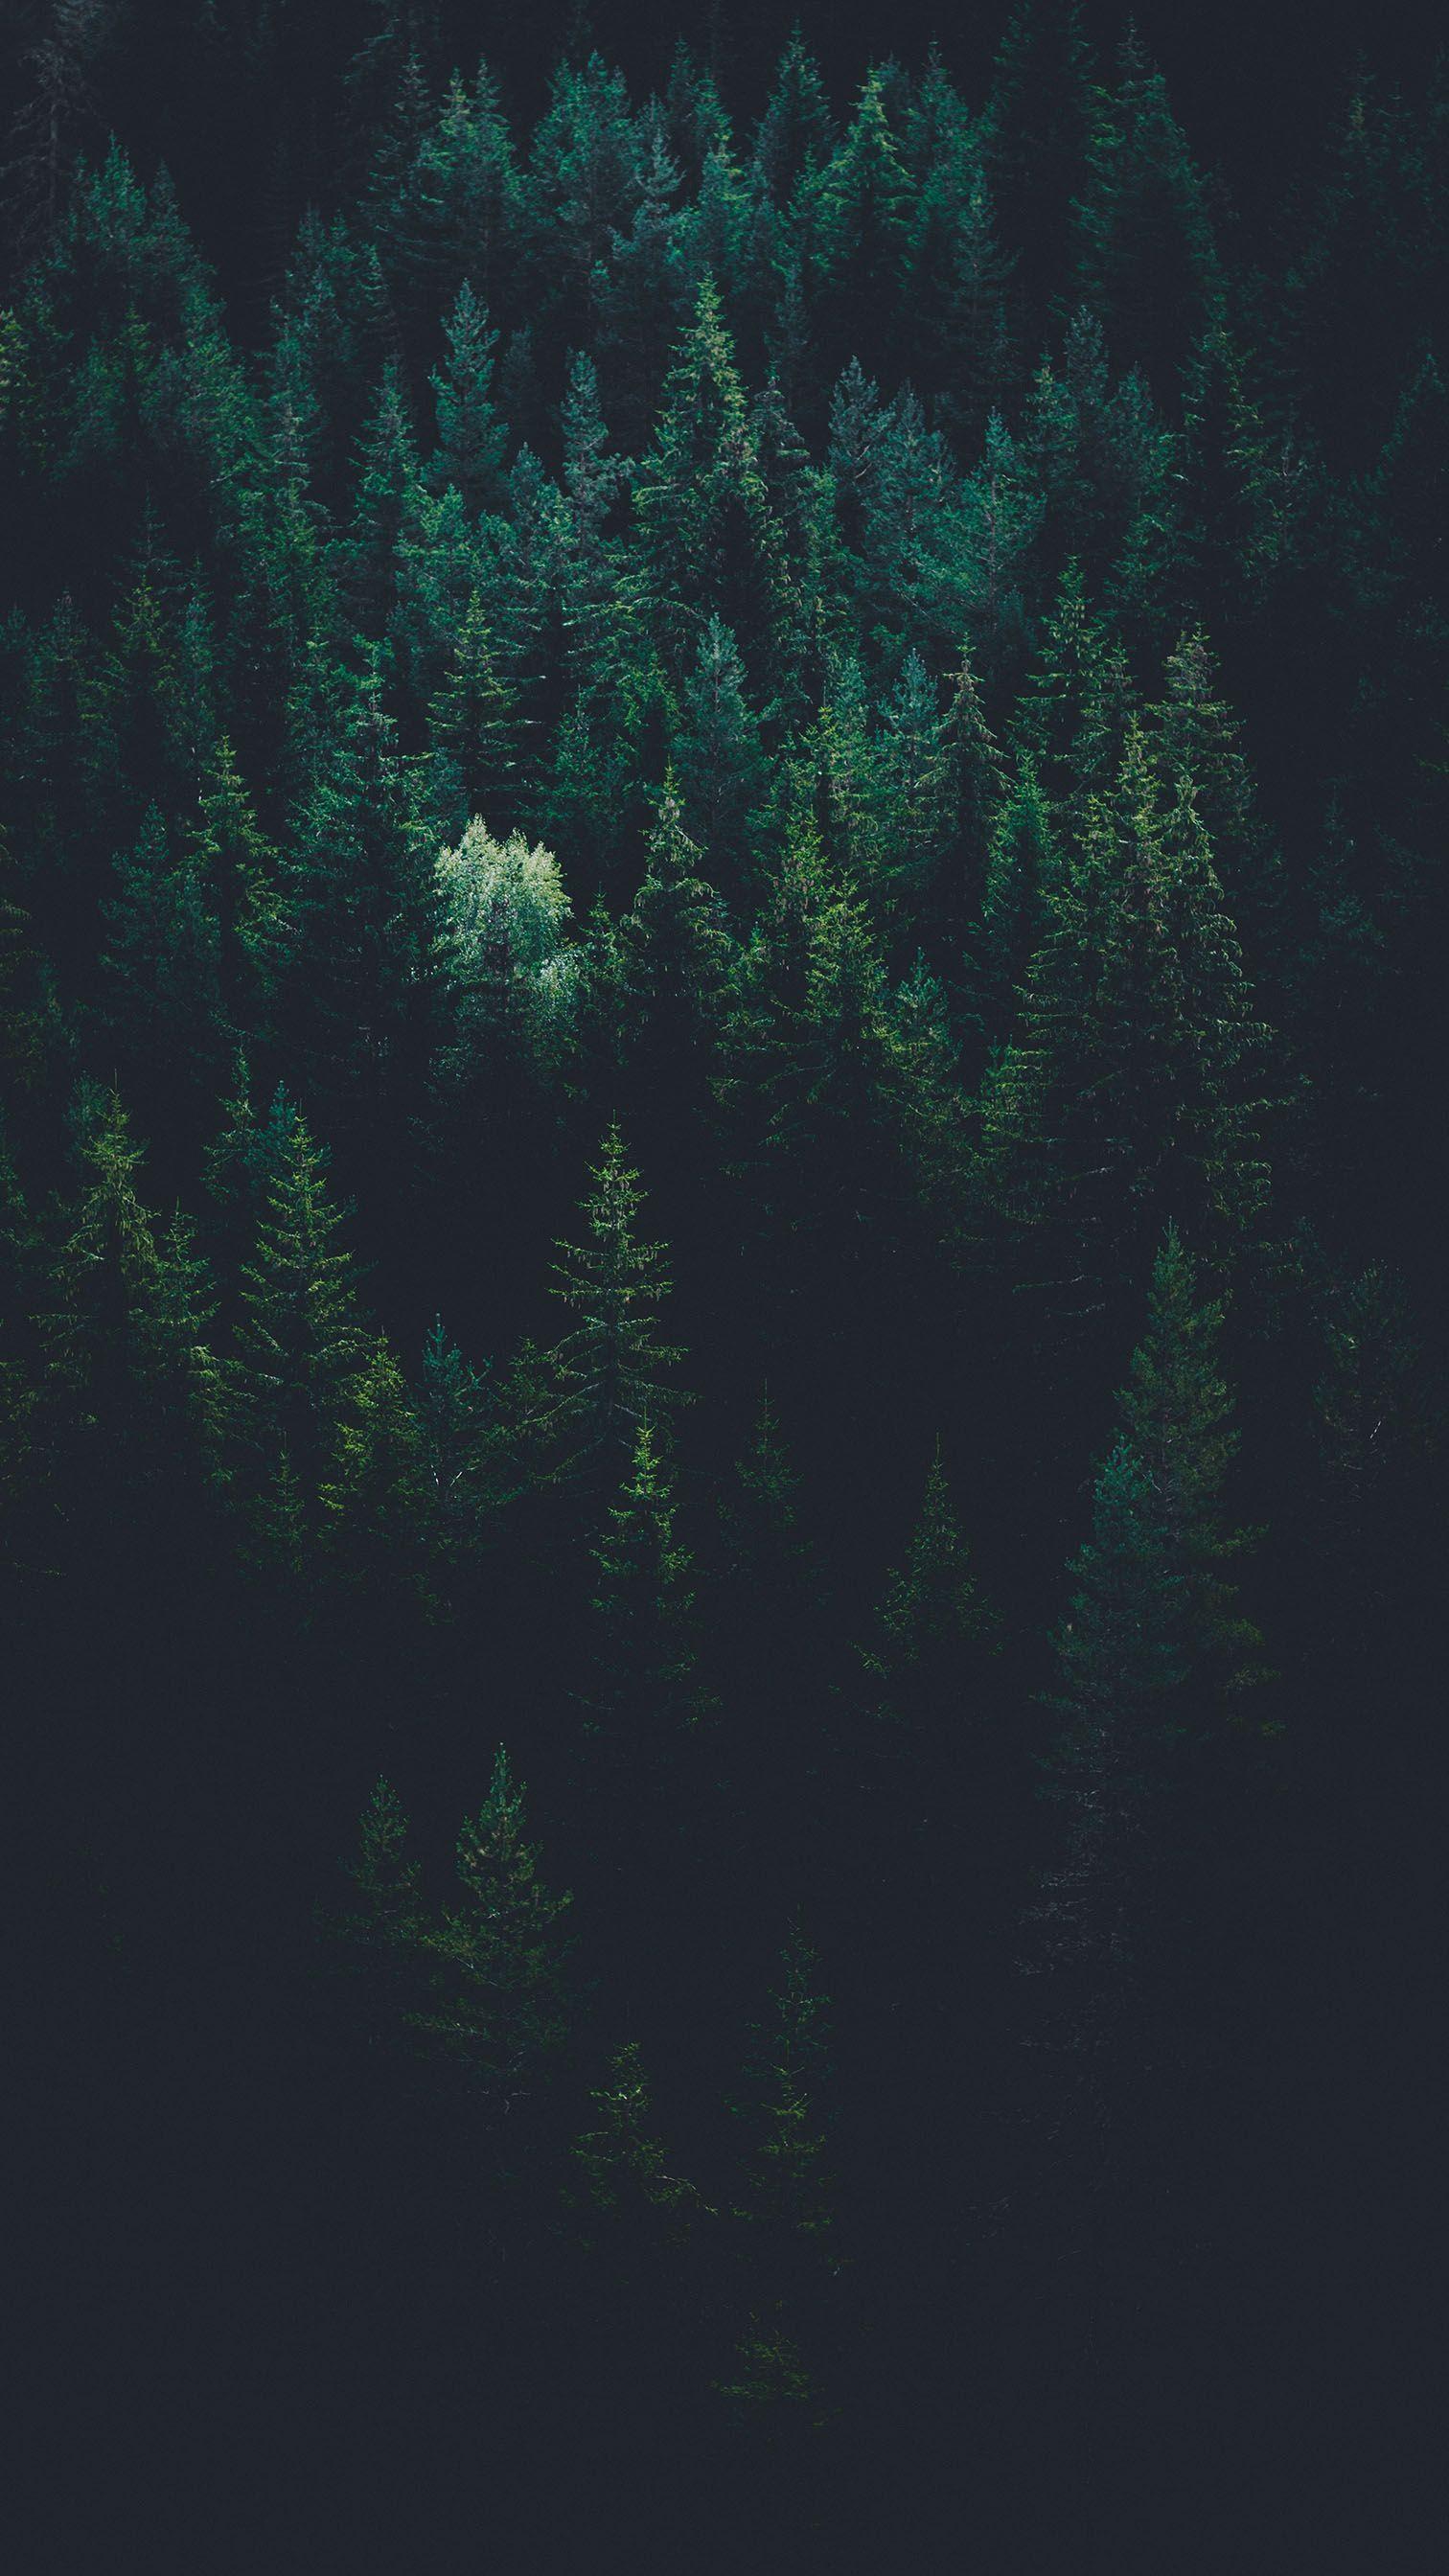 Best Dark or Black iPhone Wallpapers - Night iPhone Backgrounds [FREE Download] Best Dark or Black